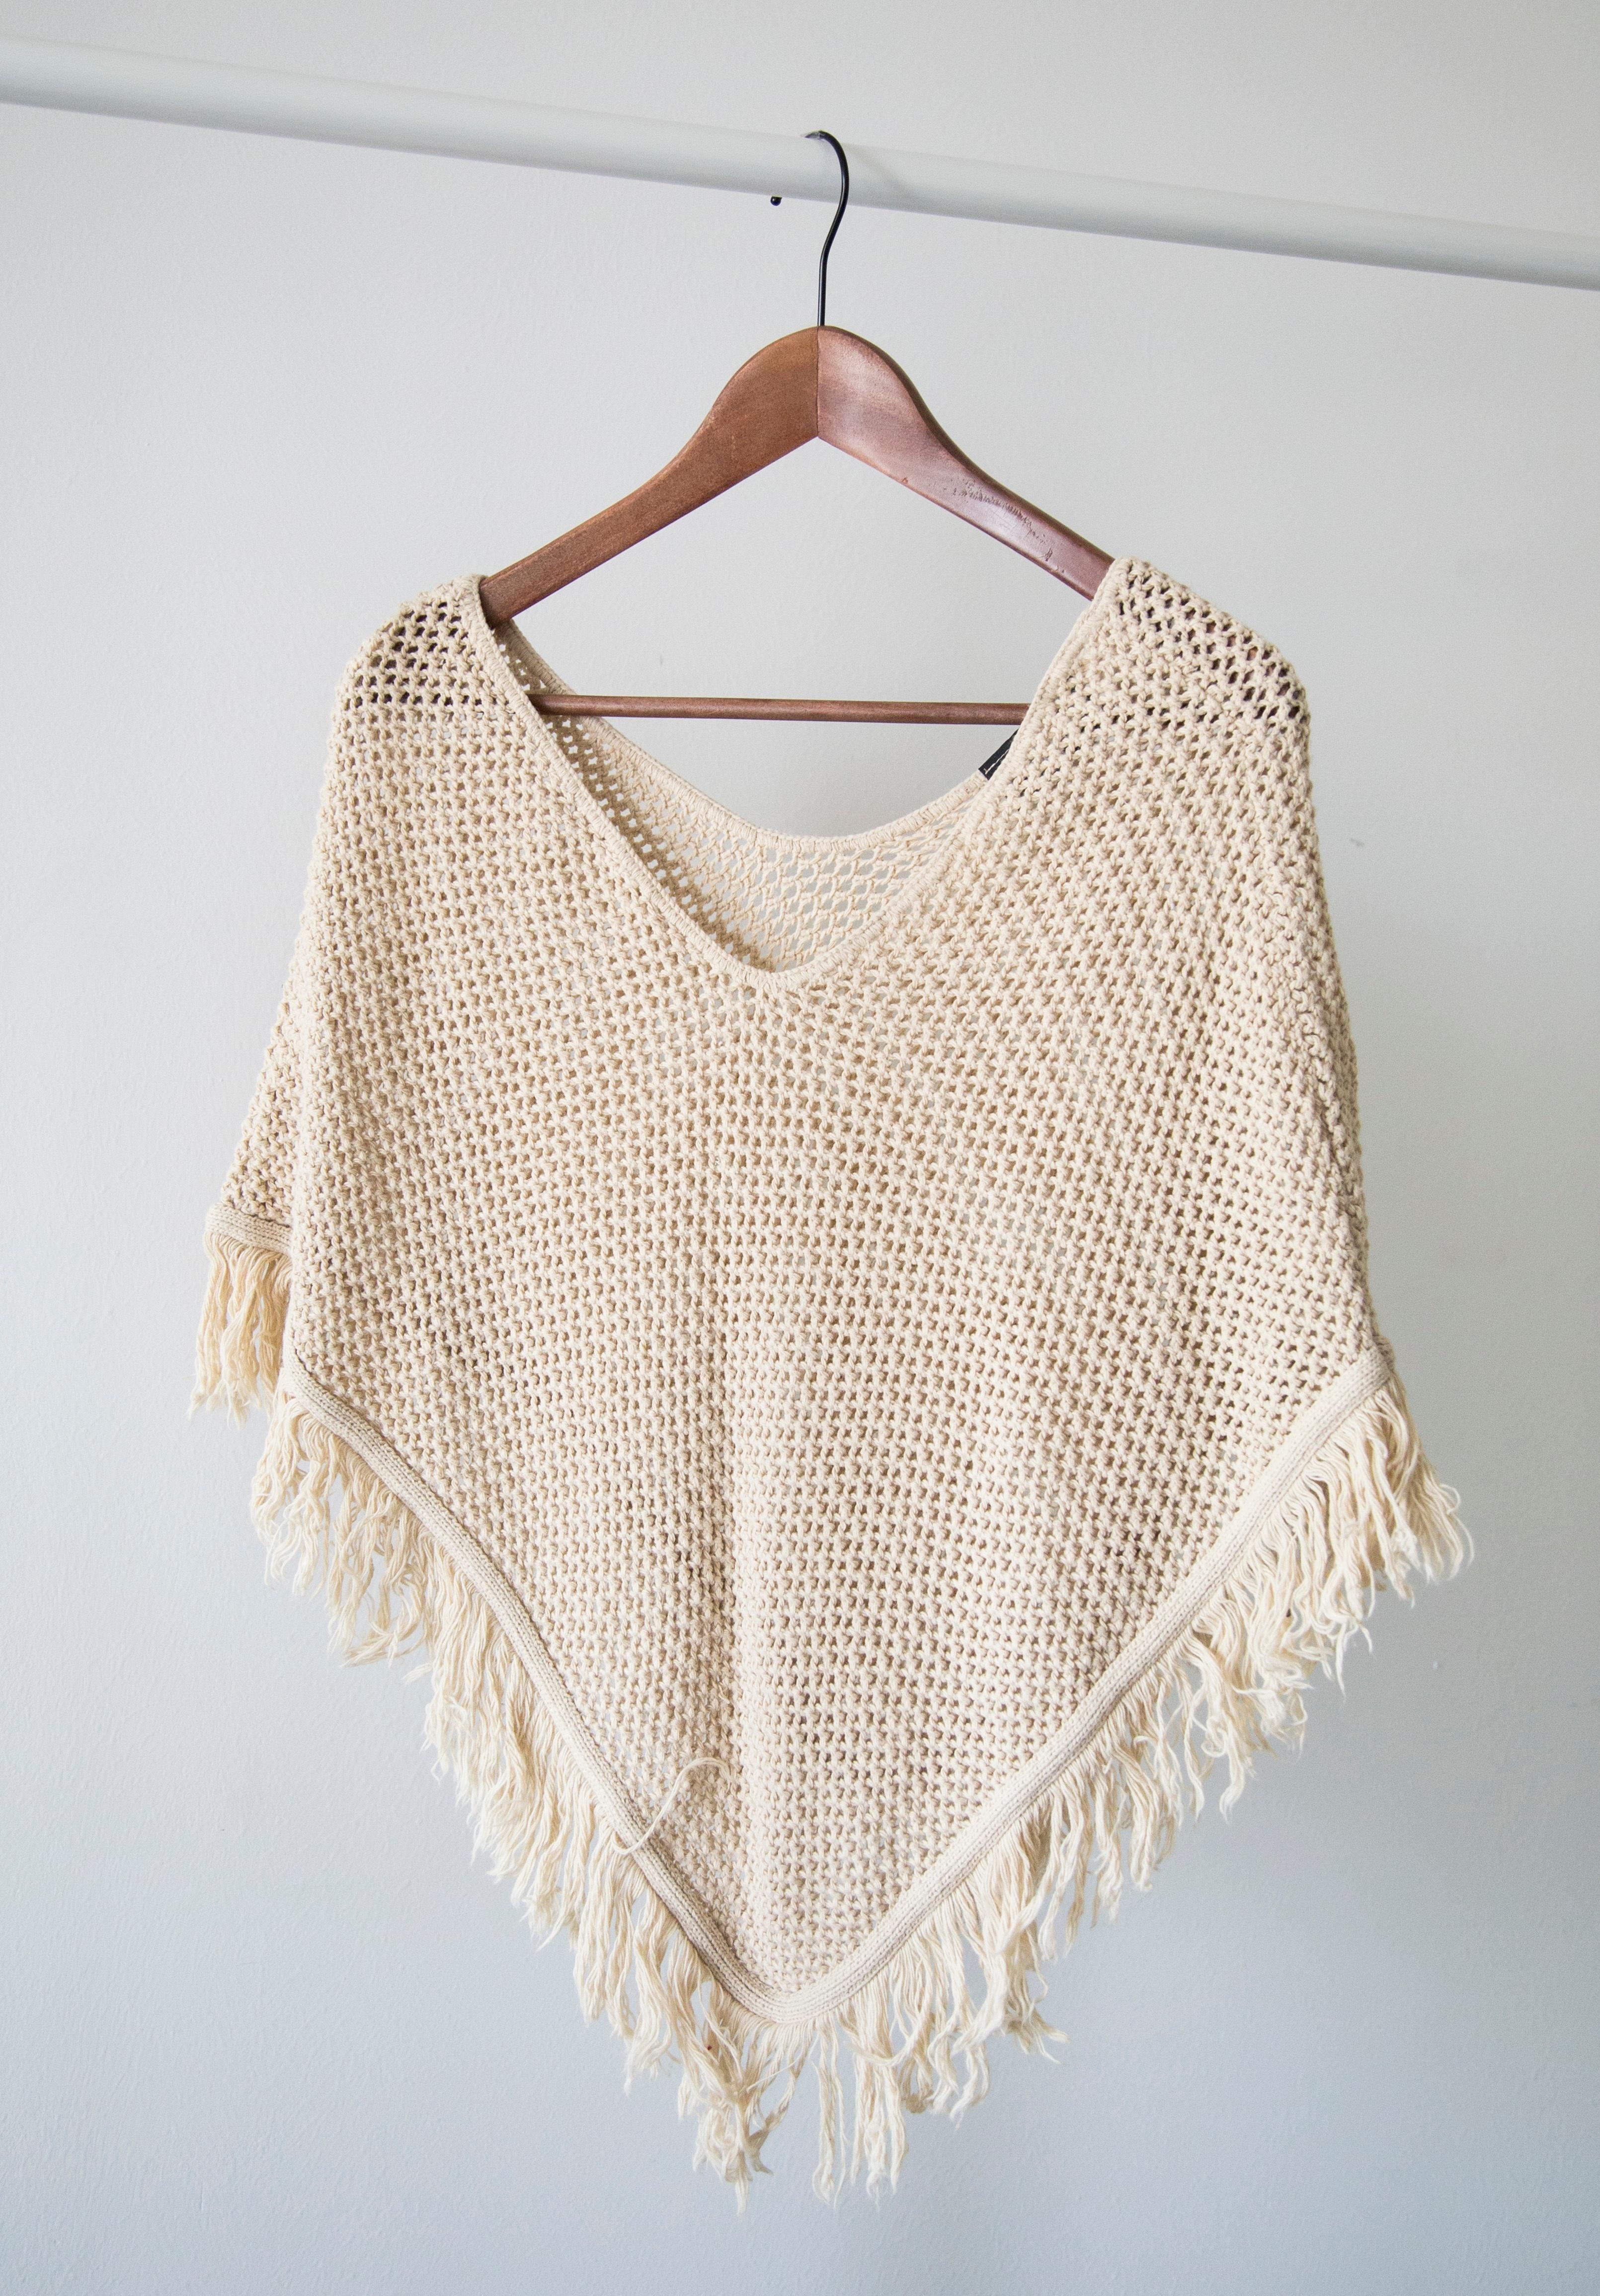 Fotos gratis : patrón, ropa de calle, producto, tejer, textil, art ...